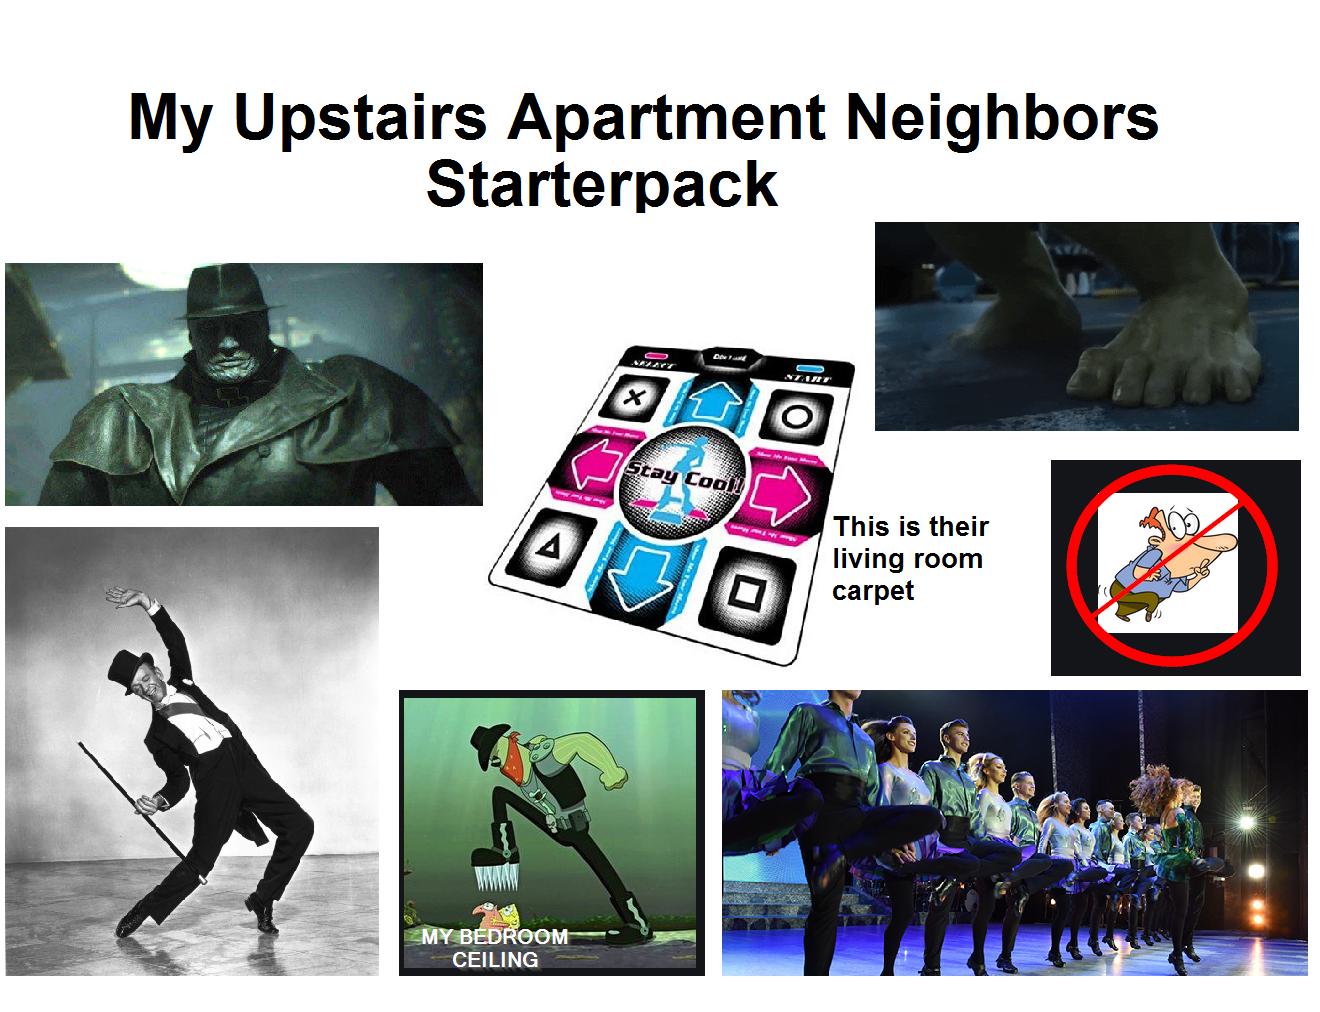 My Upstairs Apartment Neighbors